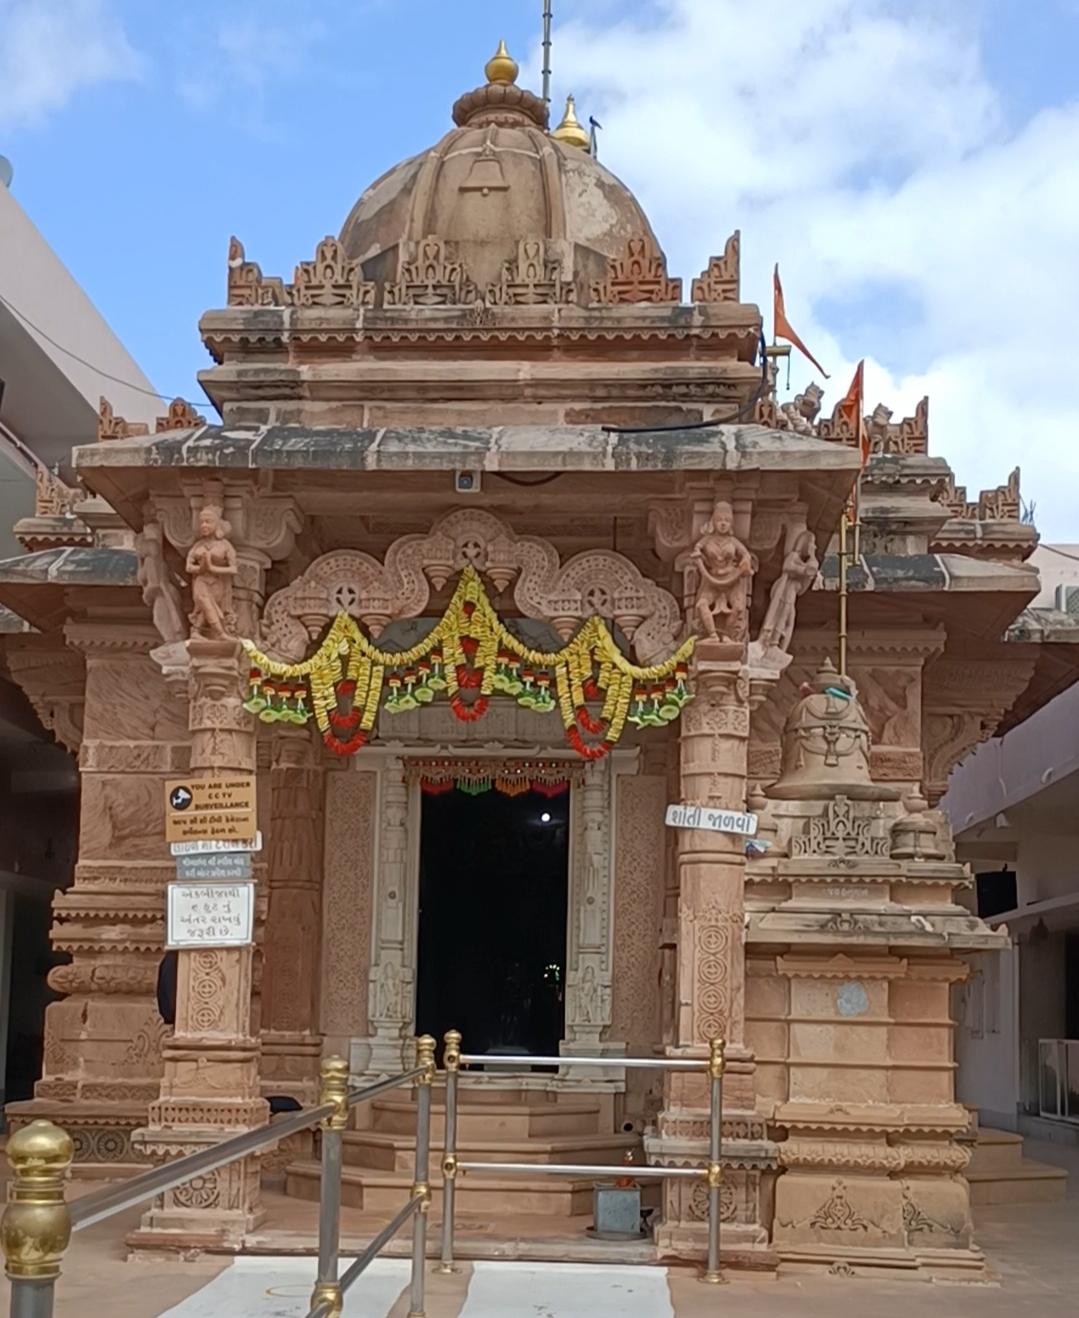 કોરોના ગાઈડ લાઈનના ચુસ્ત અમલ સાથે પાટનગરમાં પંચદેવ, ધોળેશ્વર મહાદેવ તેમજ ગાયત્રી મંદિર સહિતના કપાટ ખુલ્યા|ગાંધીનગર,Gandhinagar - Divya Bhaskar